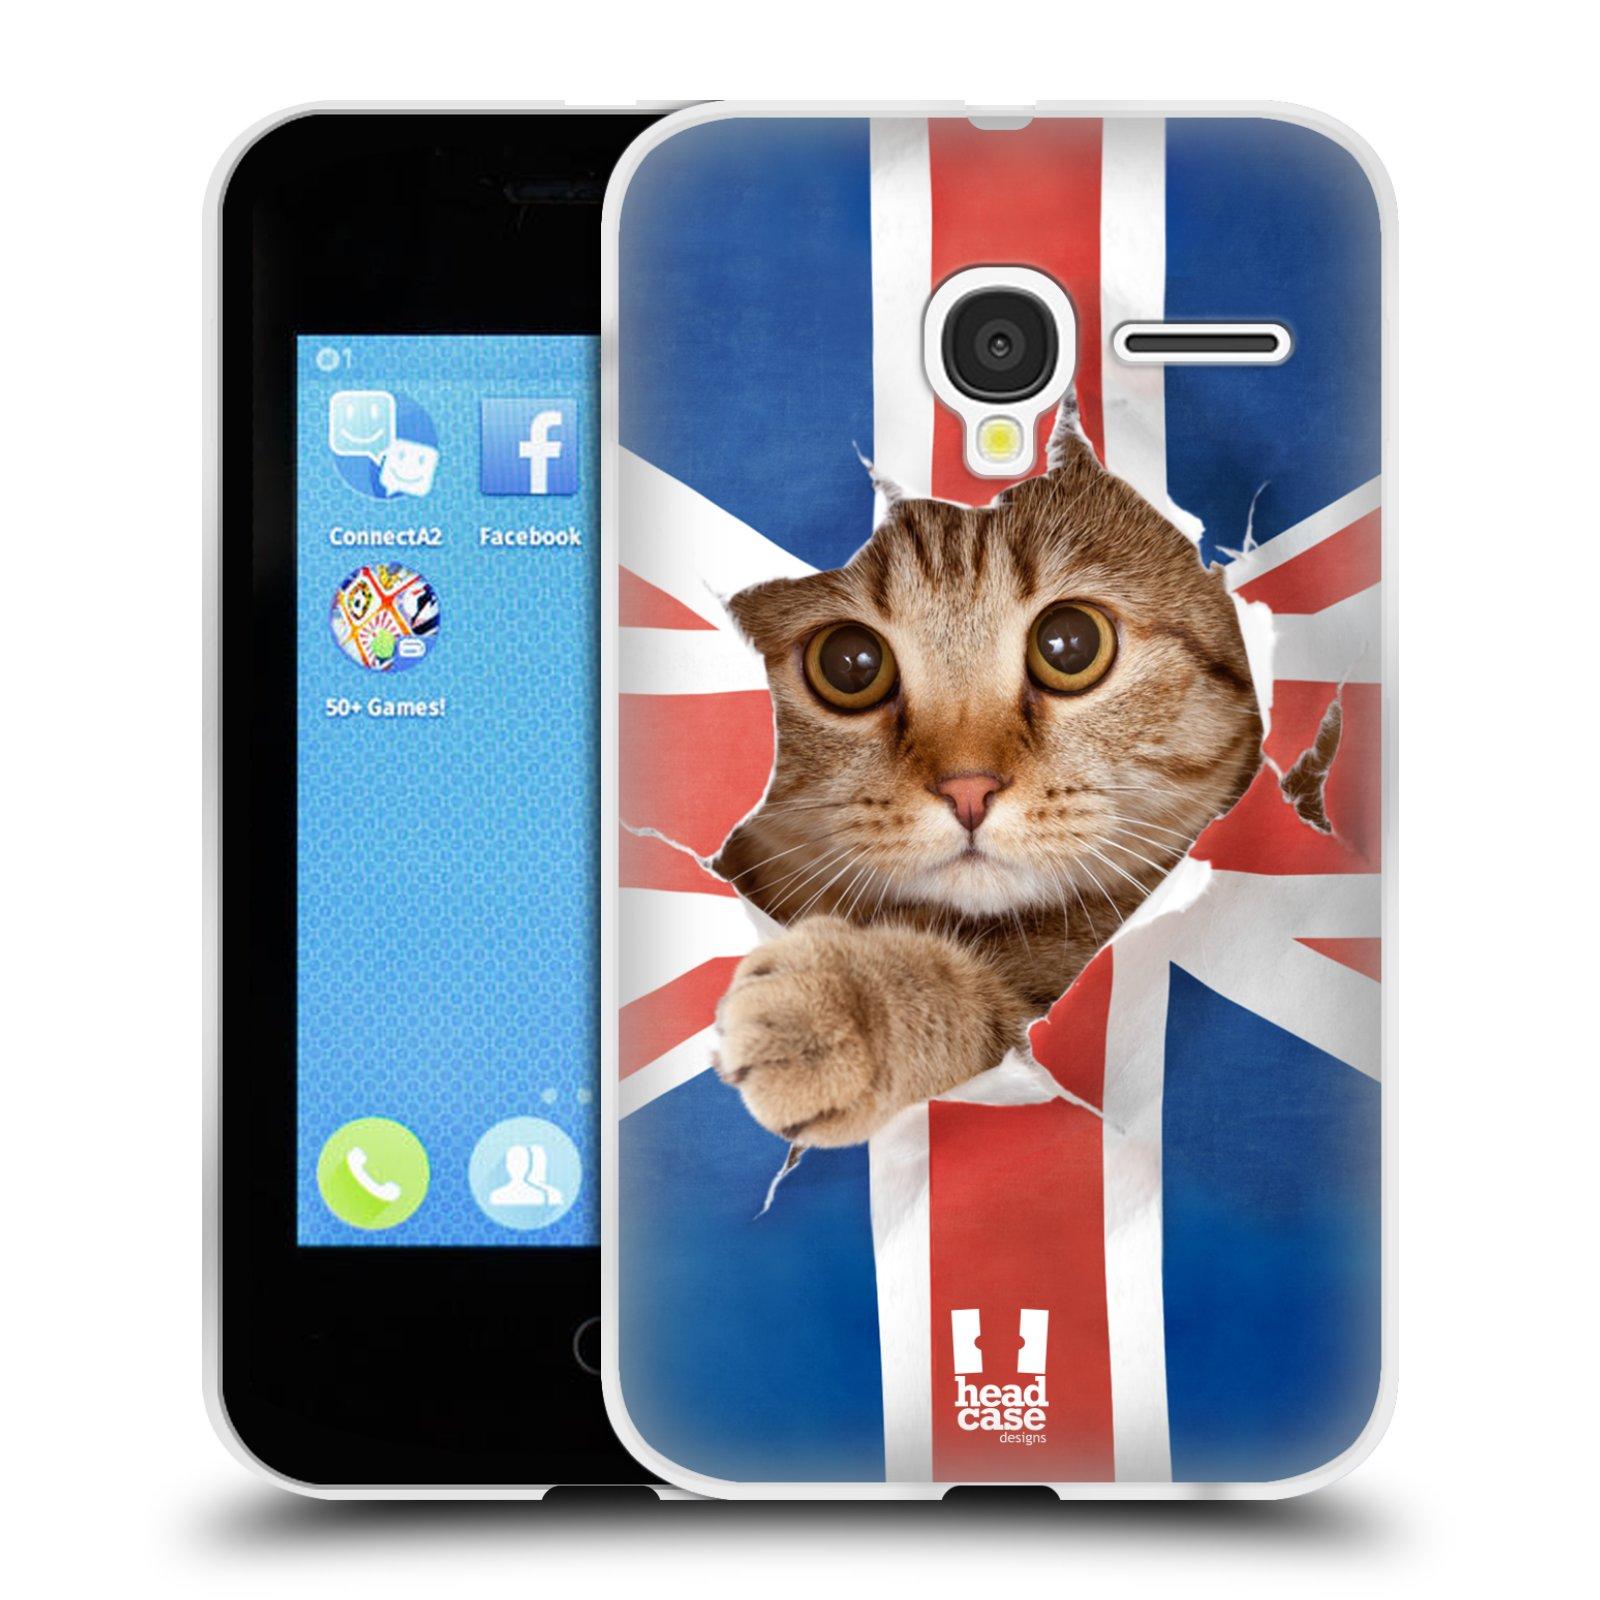 HEAD CASE silikonový obal na mobil Alcatel PIXI 3 OT-4022D (3,5 palcový displej) vzor Legrační zvířátka kočička a Velká Británie vlajka